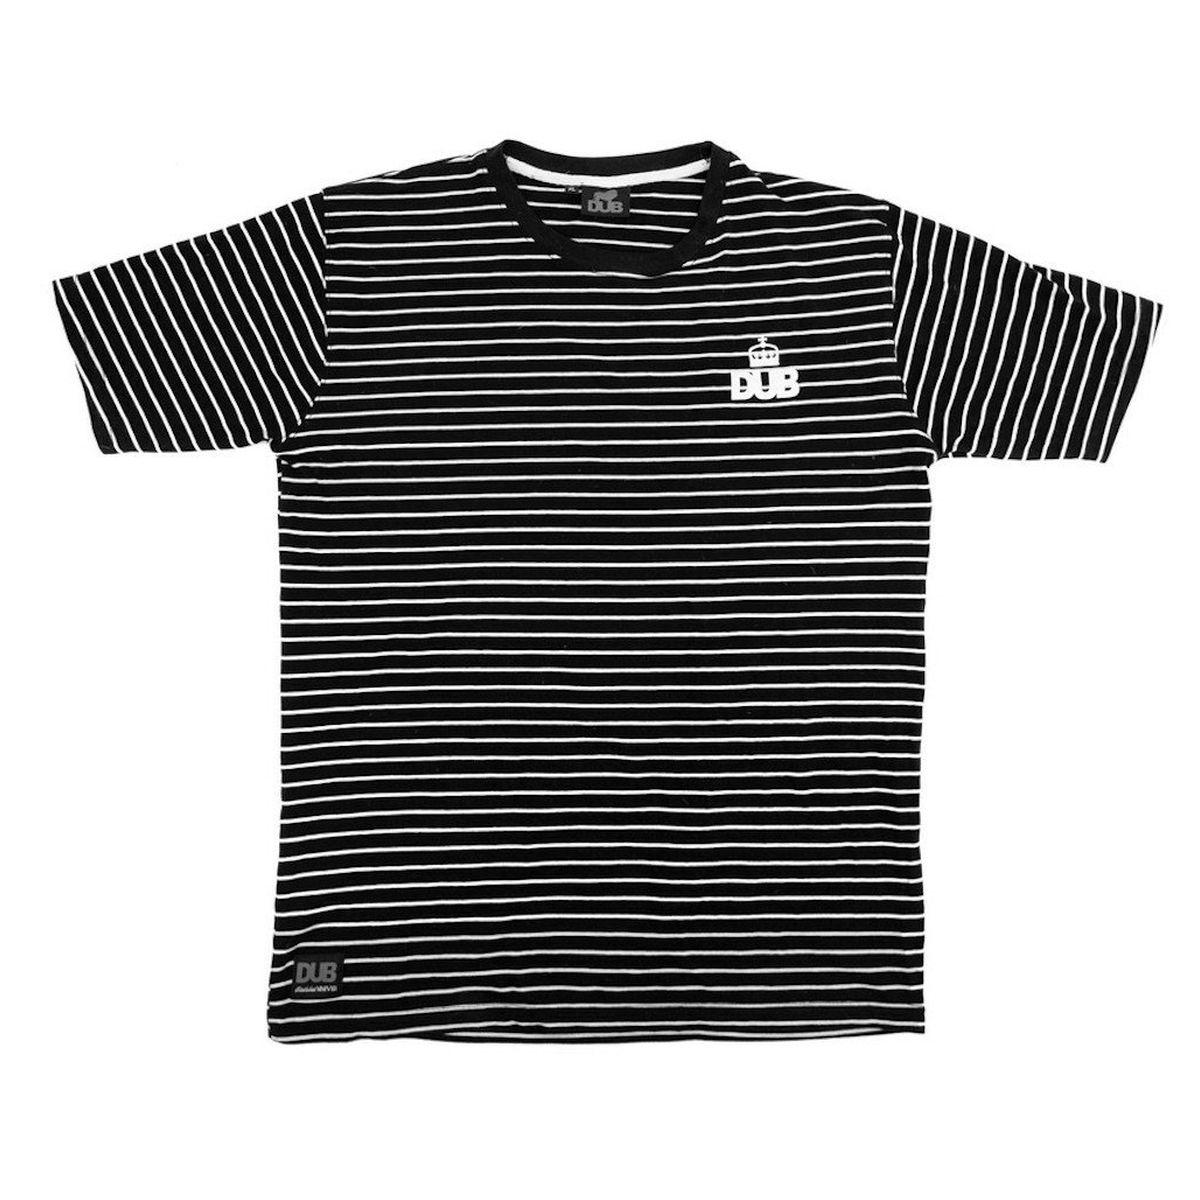 Koszulka DUB Stripe Black